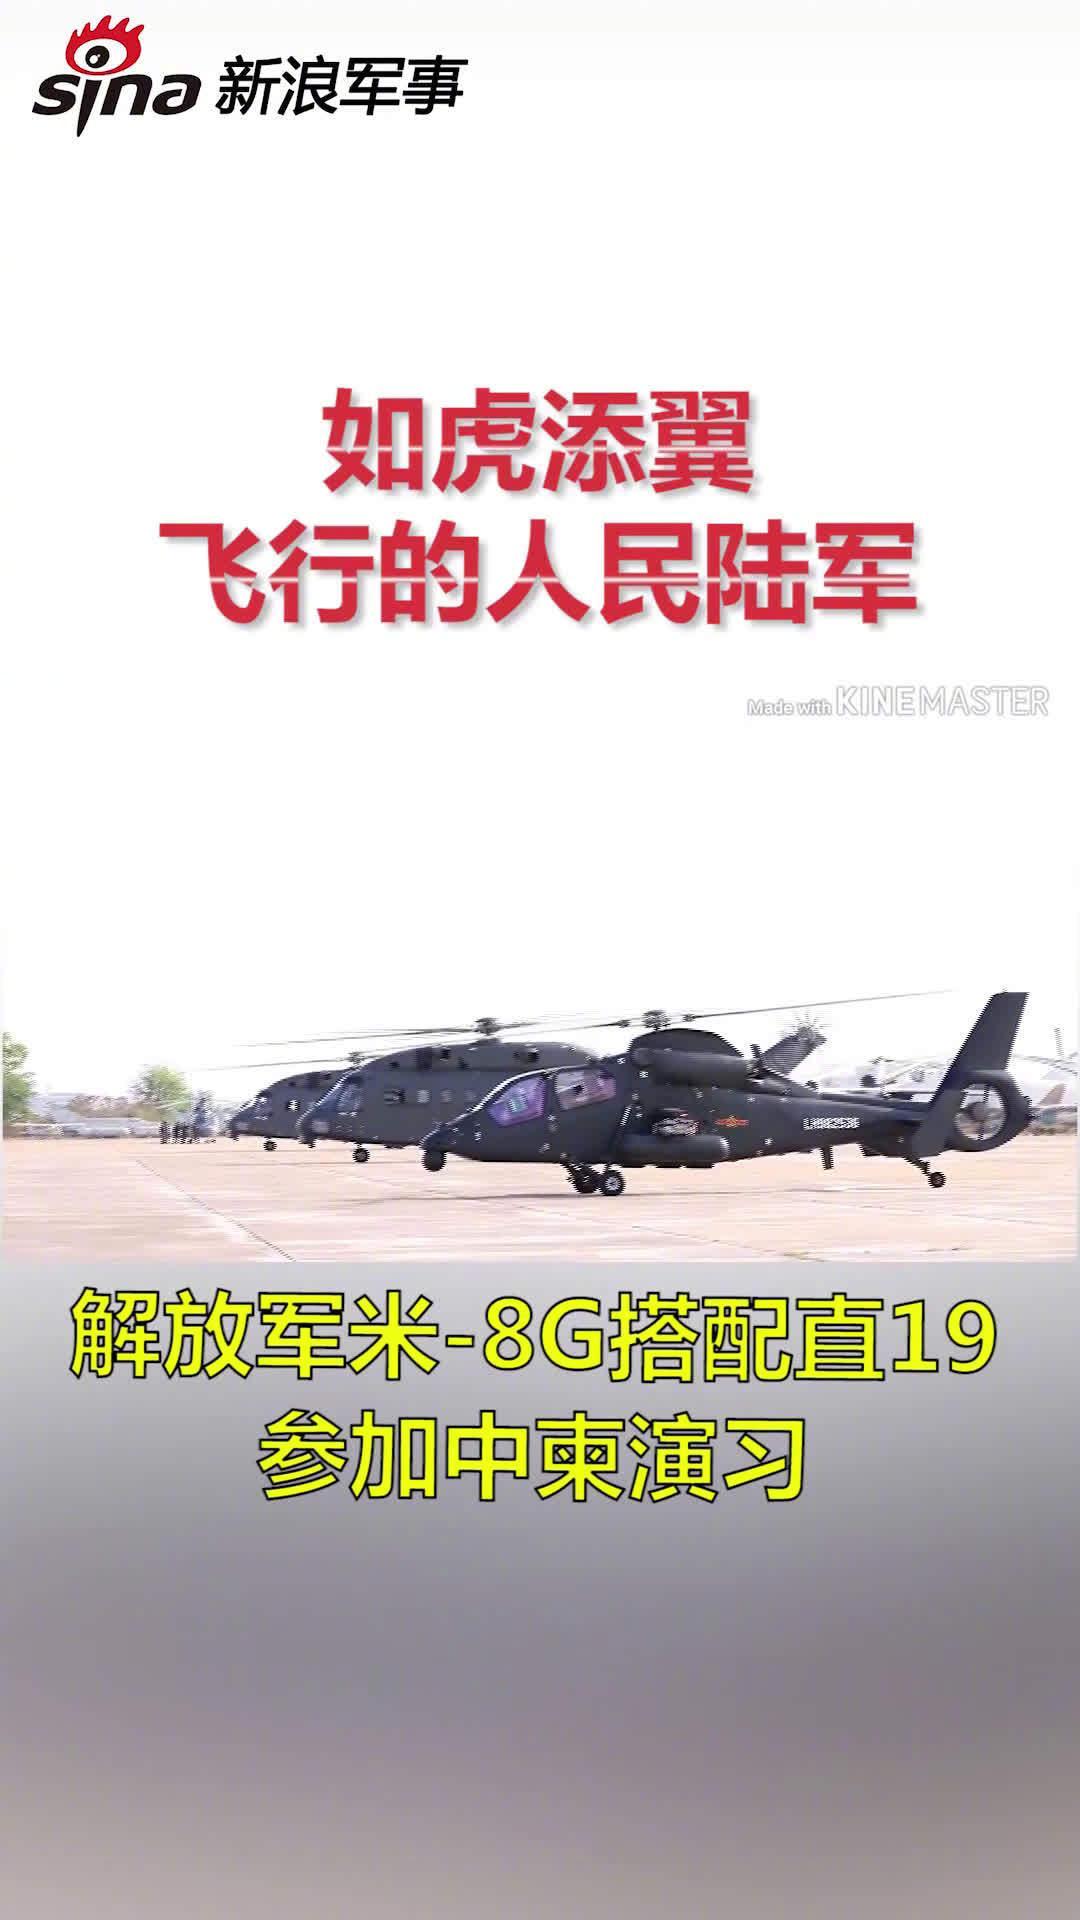 飞行的人民陆军!中柬演习中的直8G与直19成群